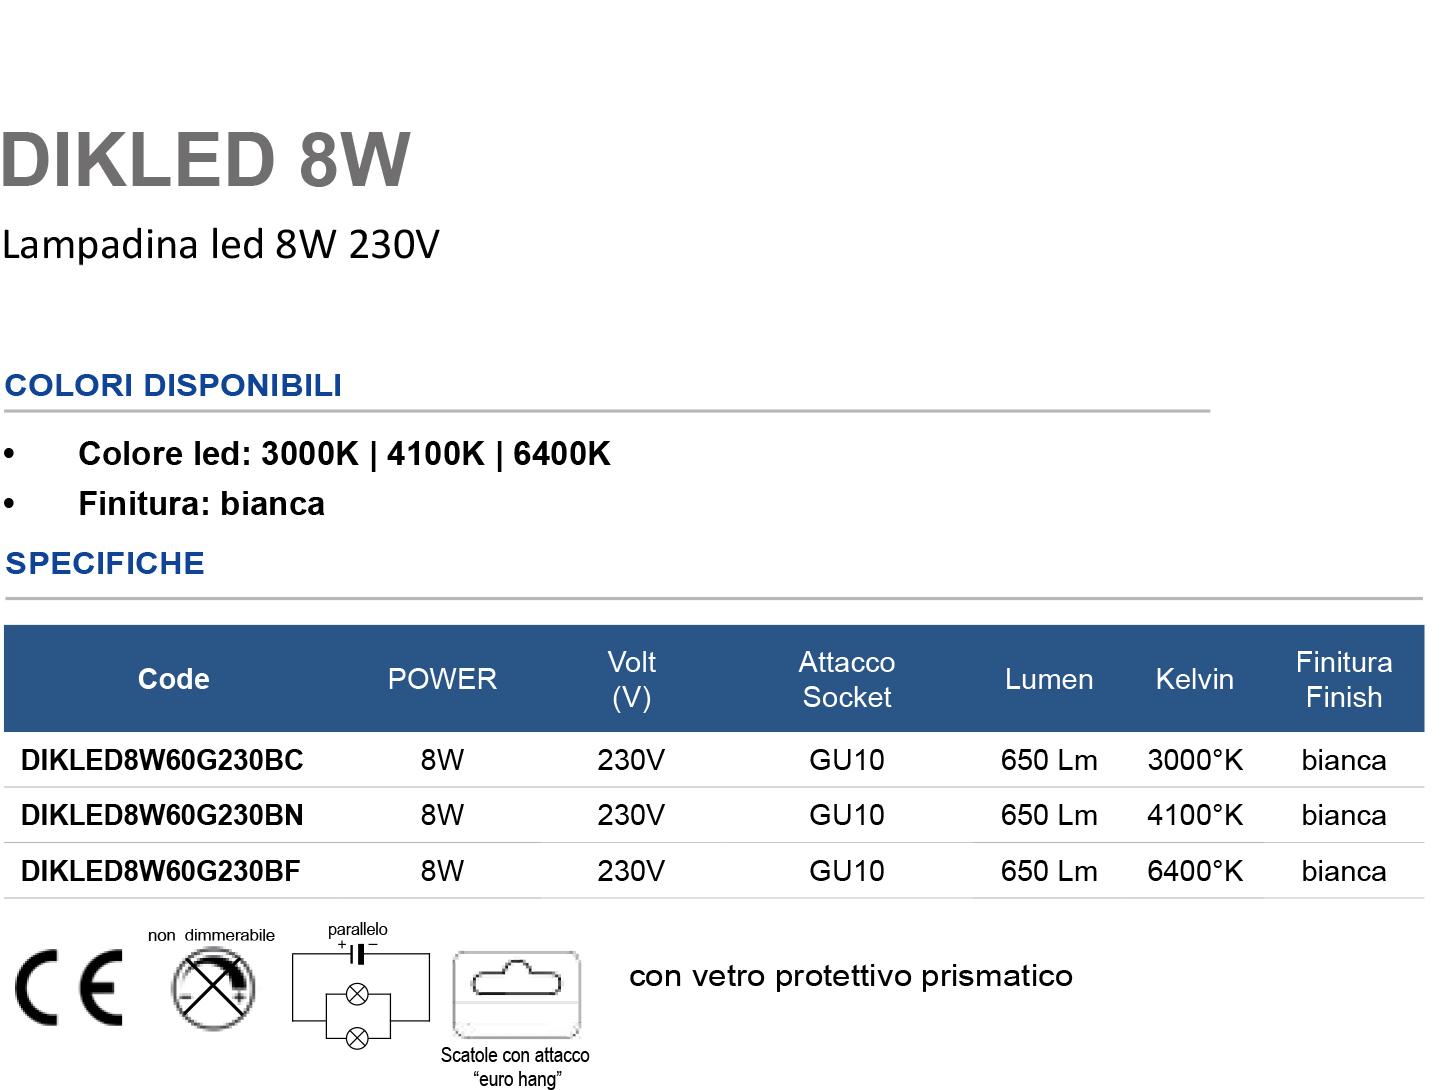 Lampadina led 8W 230V